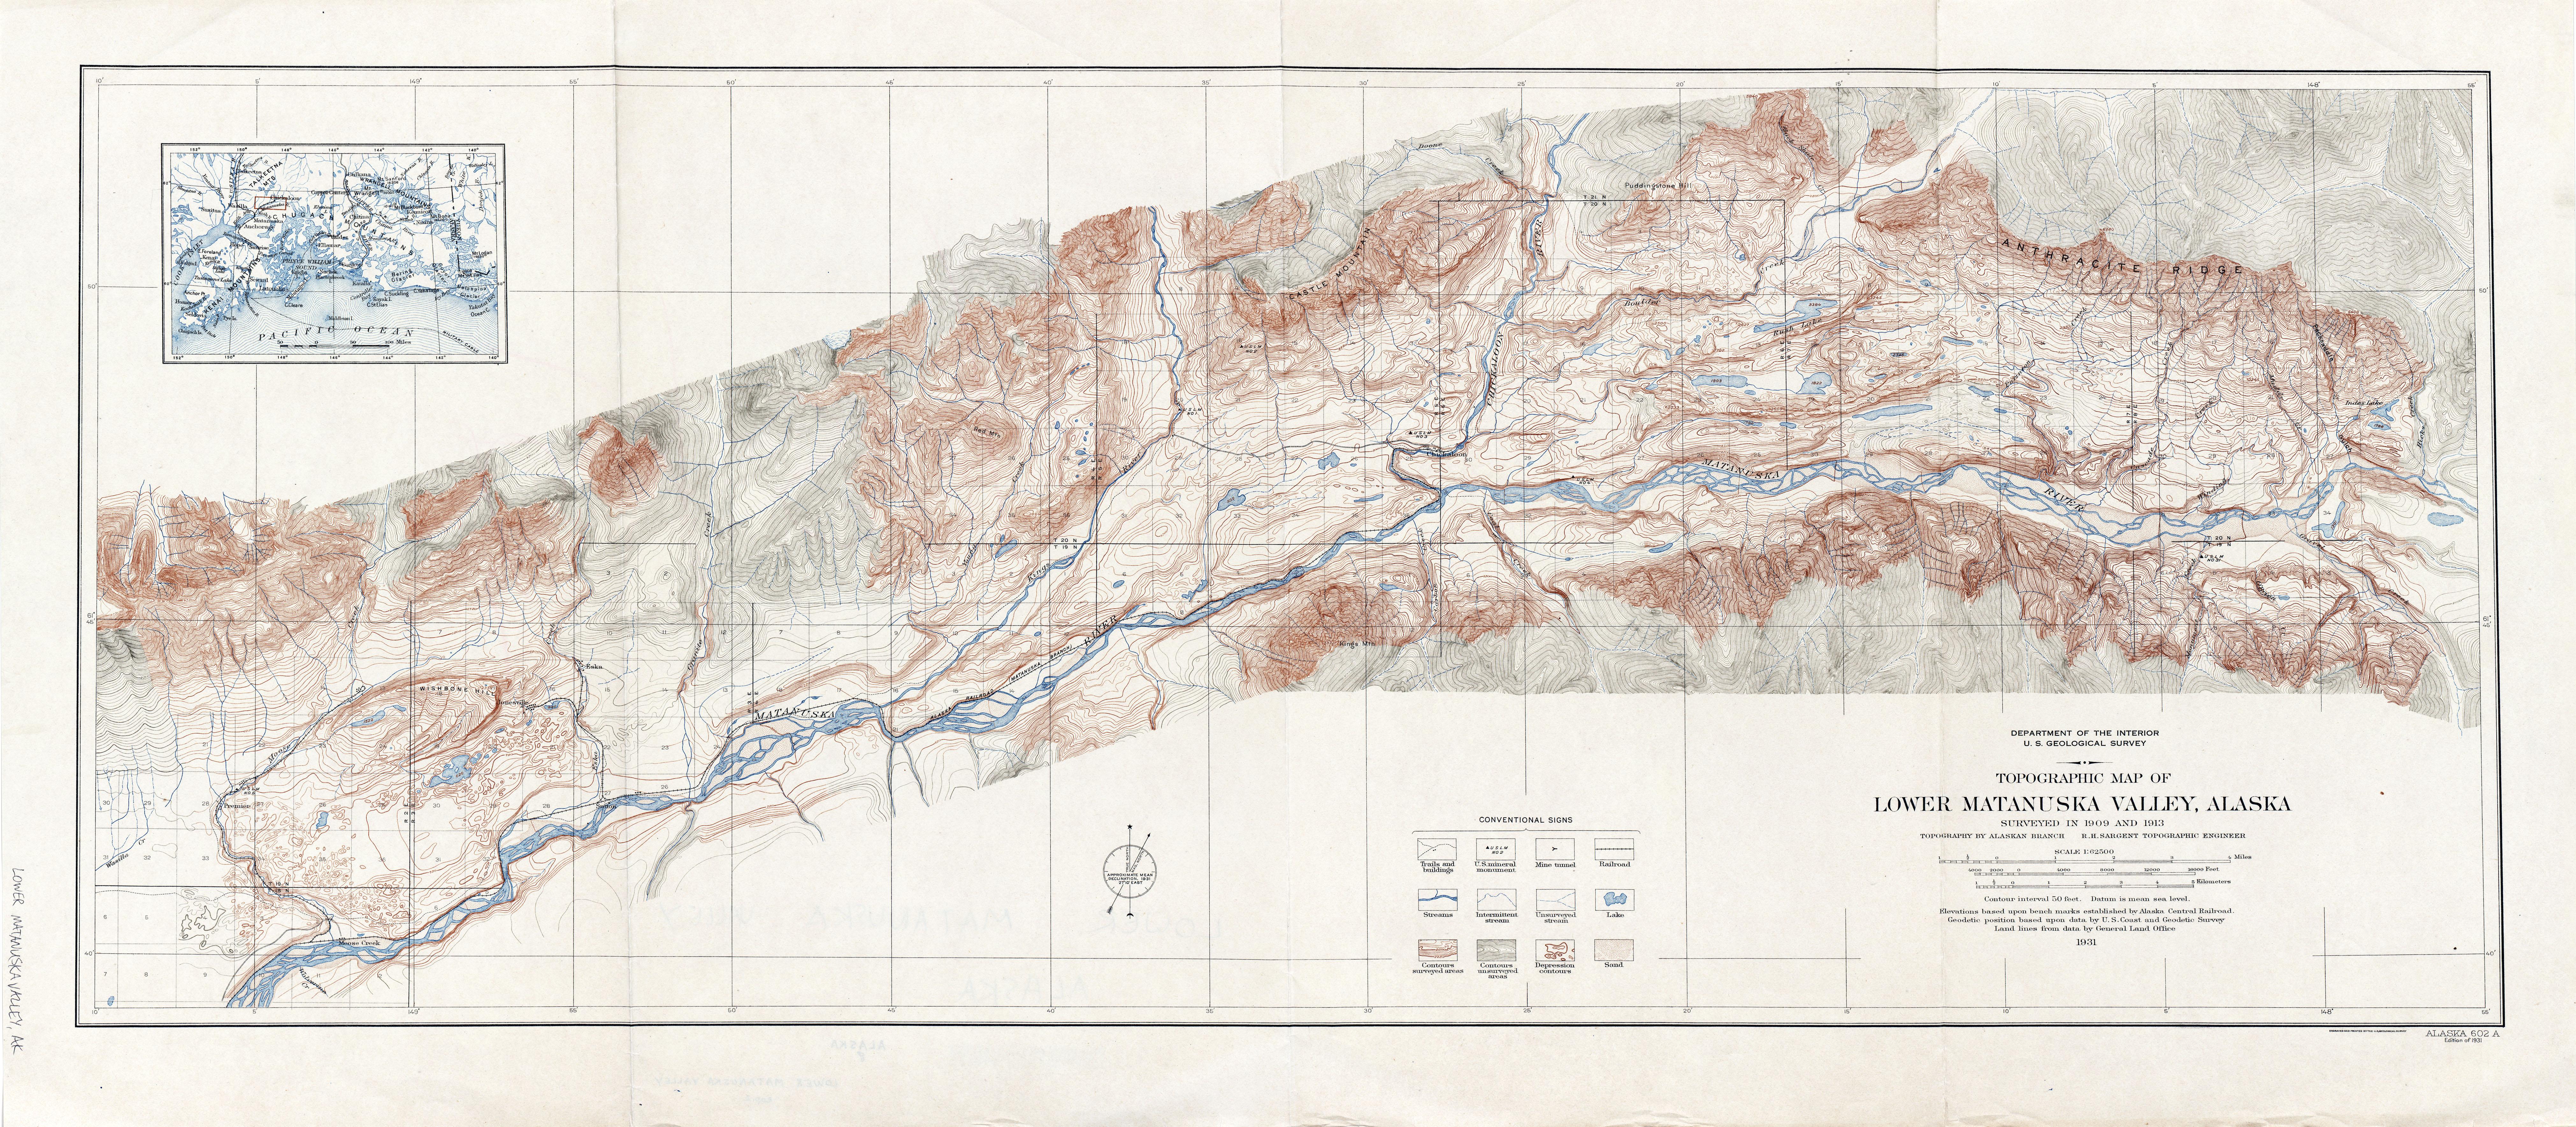 Alaska Historical Topographic Maps PerryCastañeda Map Collection - Alaska topo maps